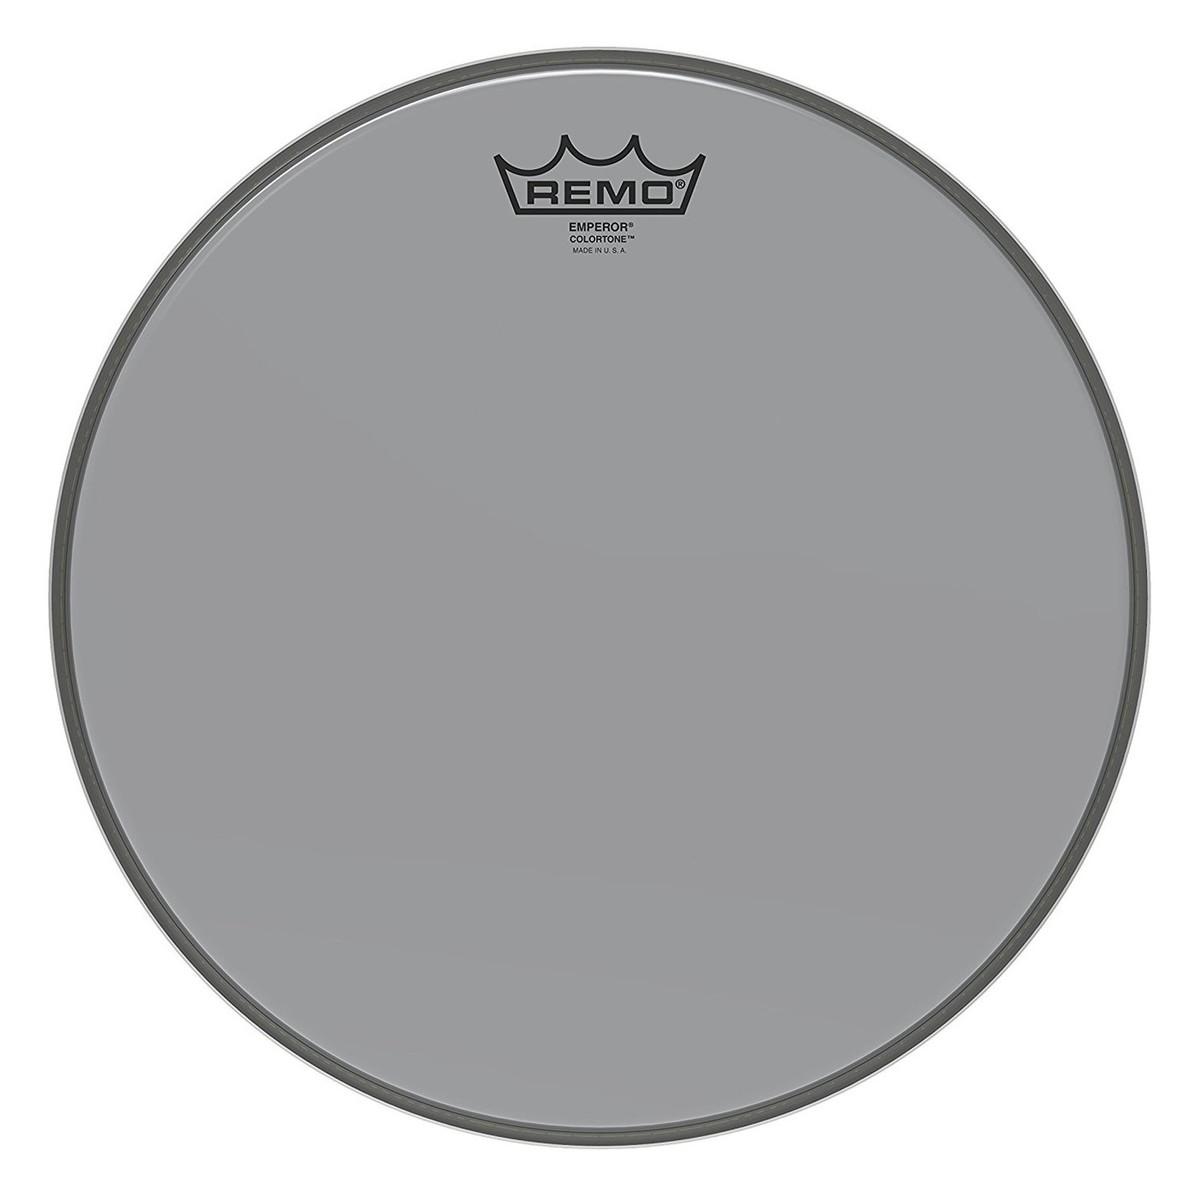 Remo Emperor Colortone Smoke 13 Drum Head